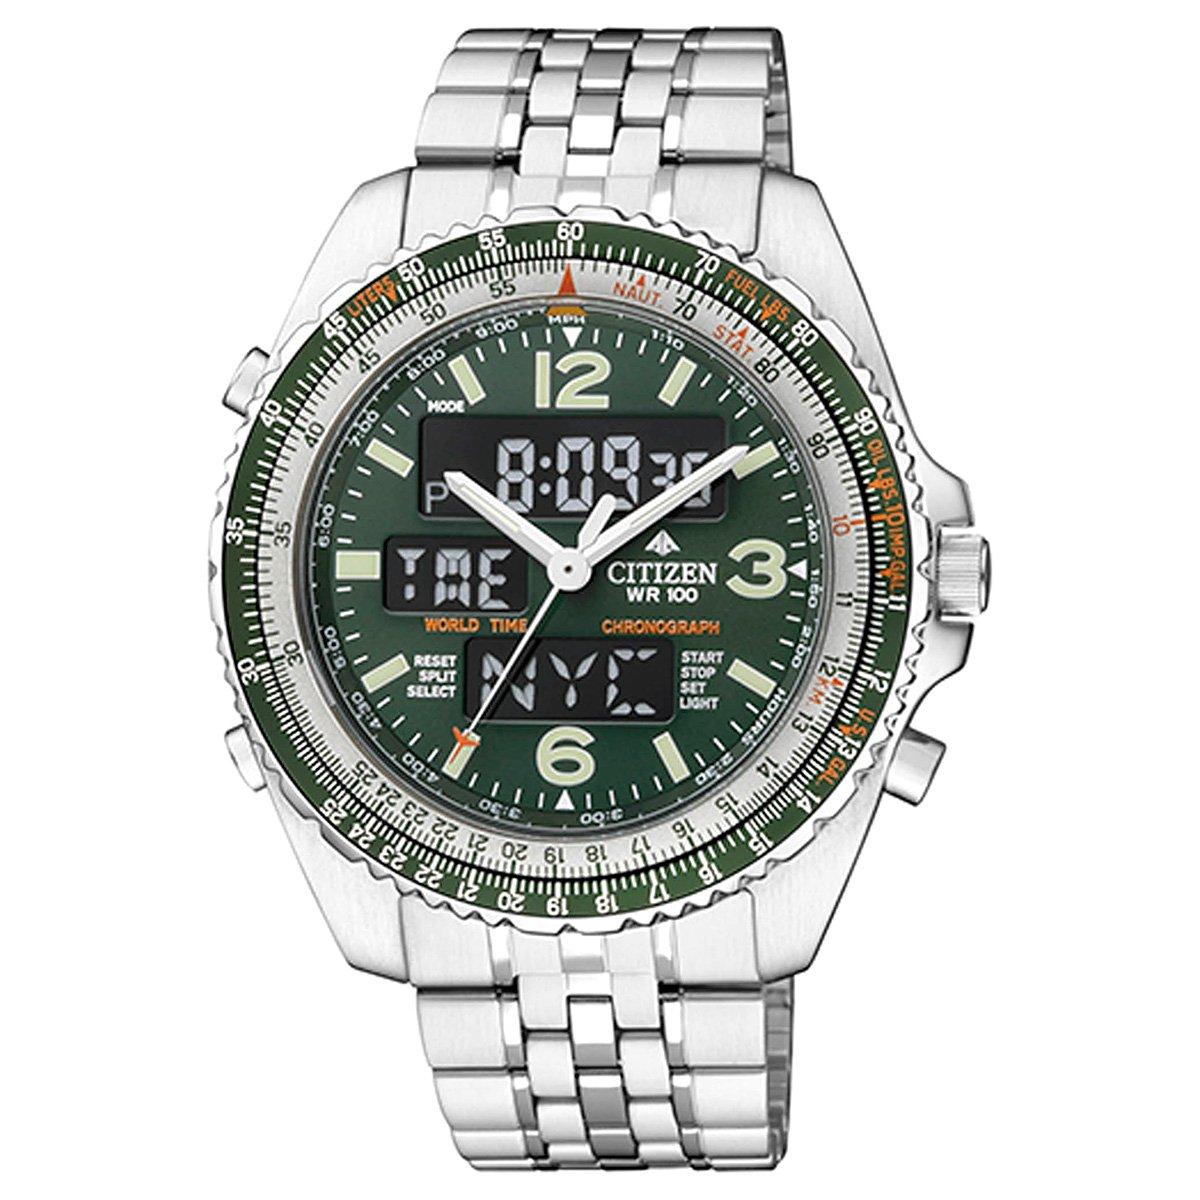 97fb0f18df7 Relógio Citizen Promaster TZ10075D Masculino - Compre Agora